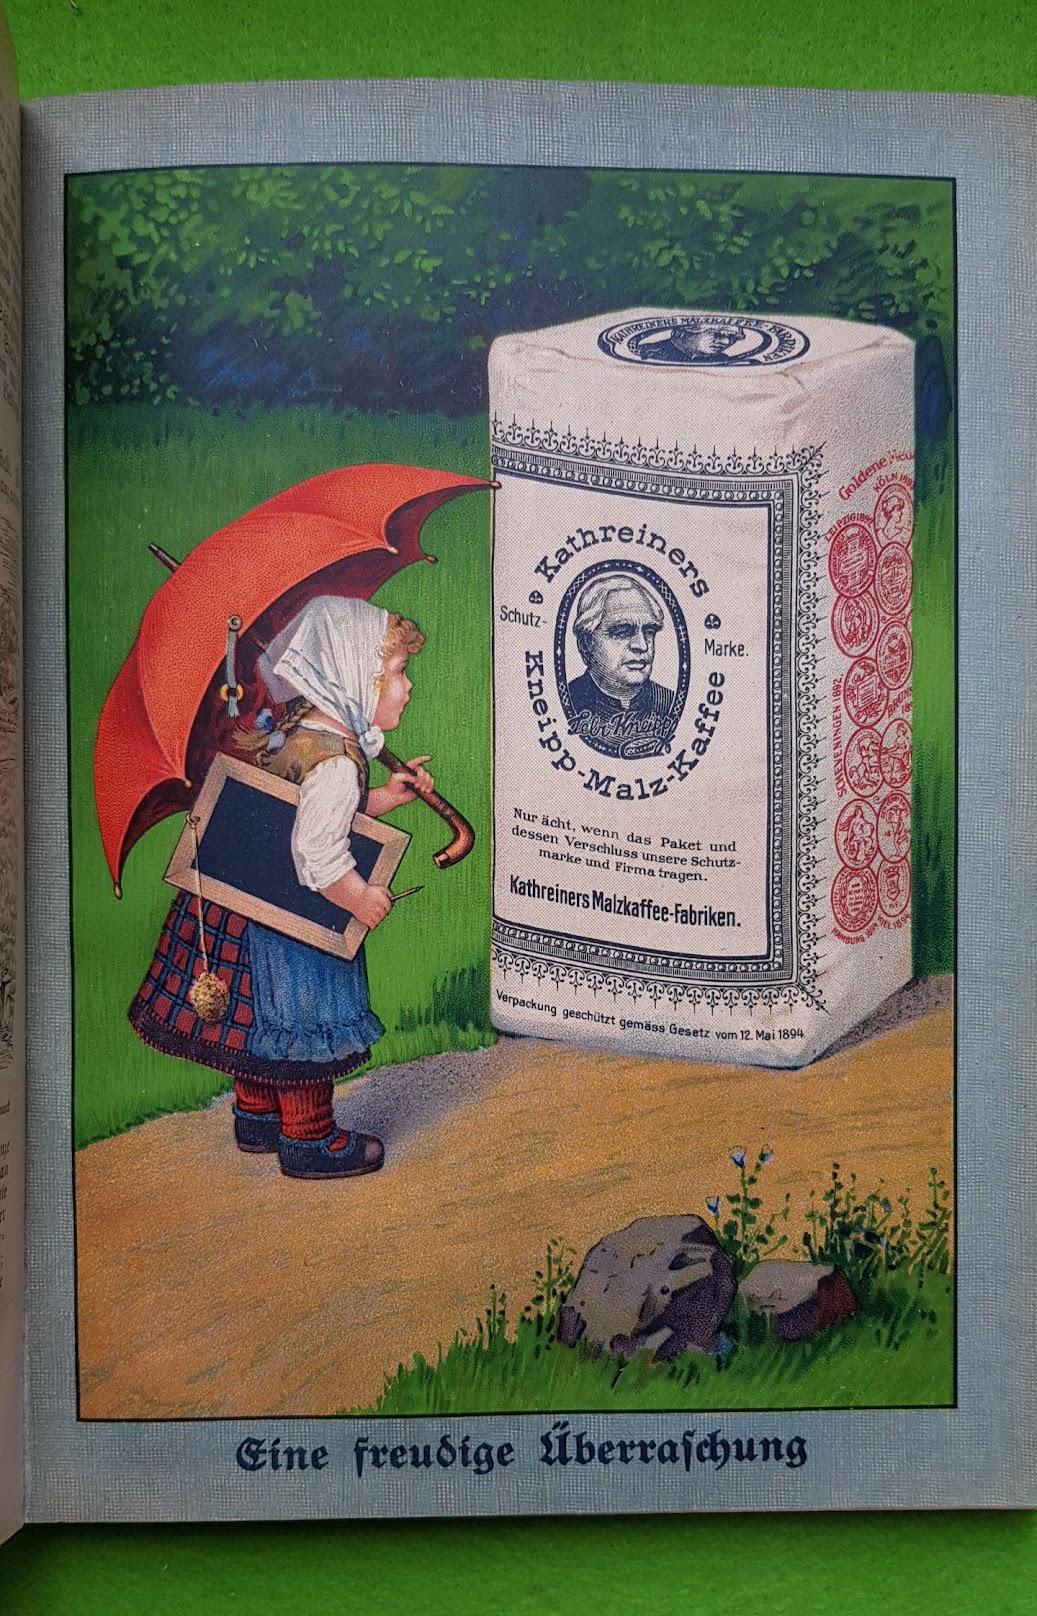 Großer Volkskalender des Lahrer hinkenden Boten - 1914 - Werbung Kathreiner Kneipp-Malz-Kaffee